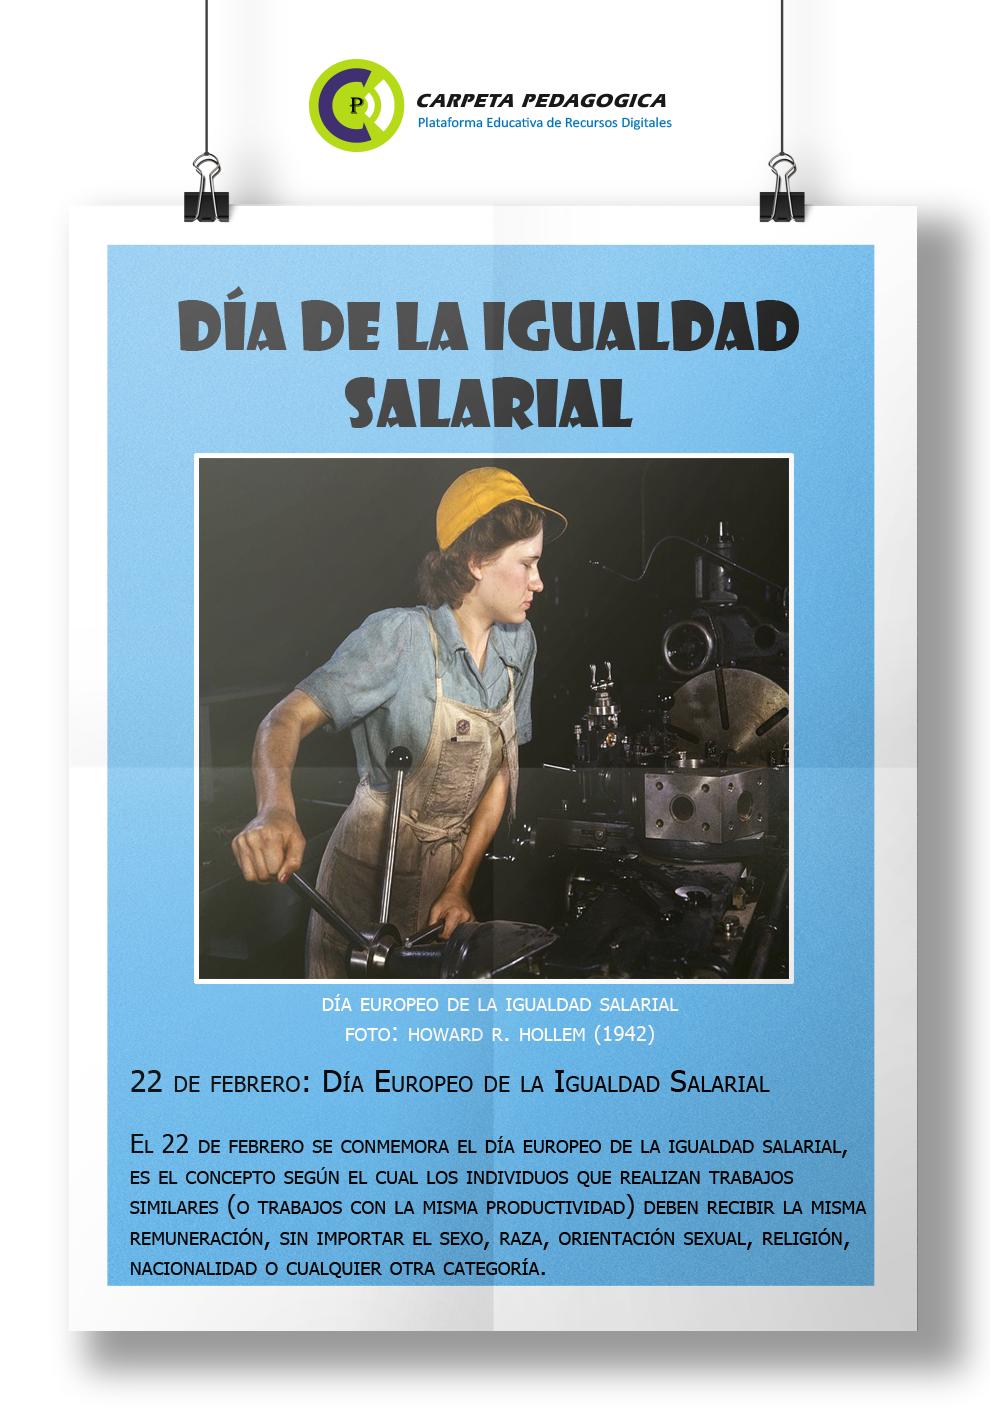 22 de febrero: Día Europeo de la Igualdad Salarial